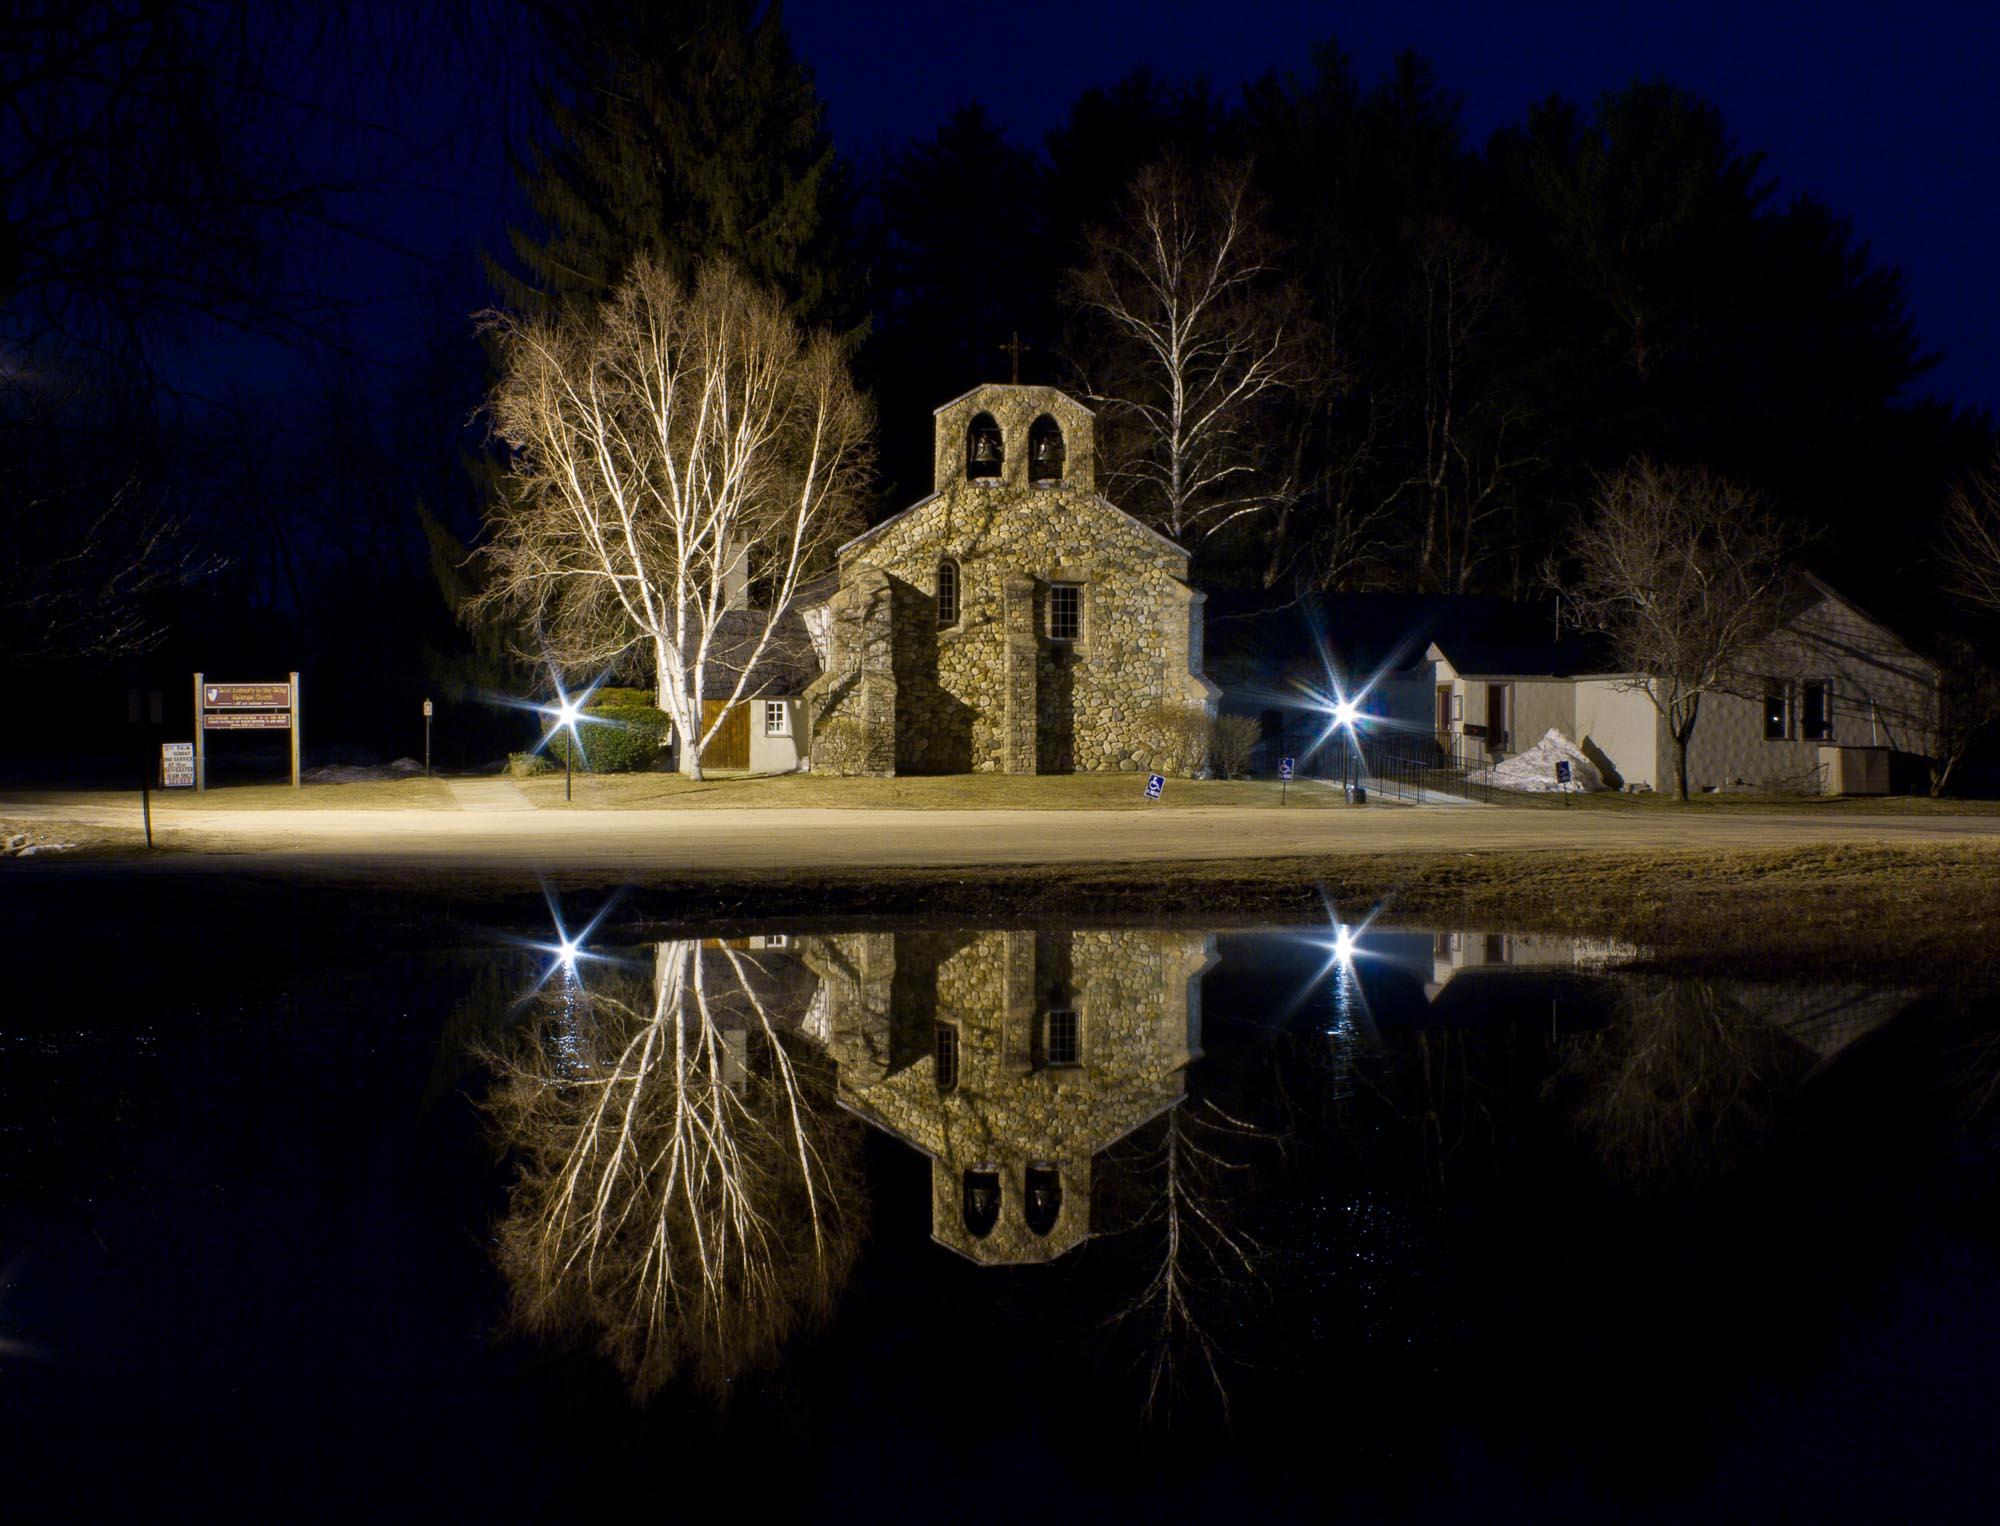 St. Andrews Church reflection at night, Tamworth, NH